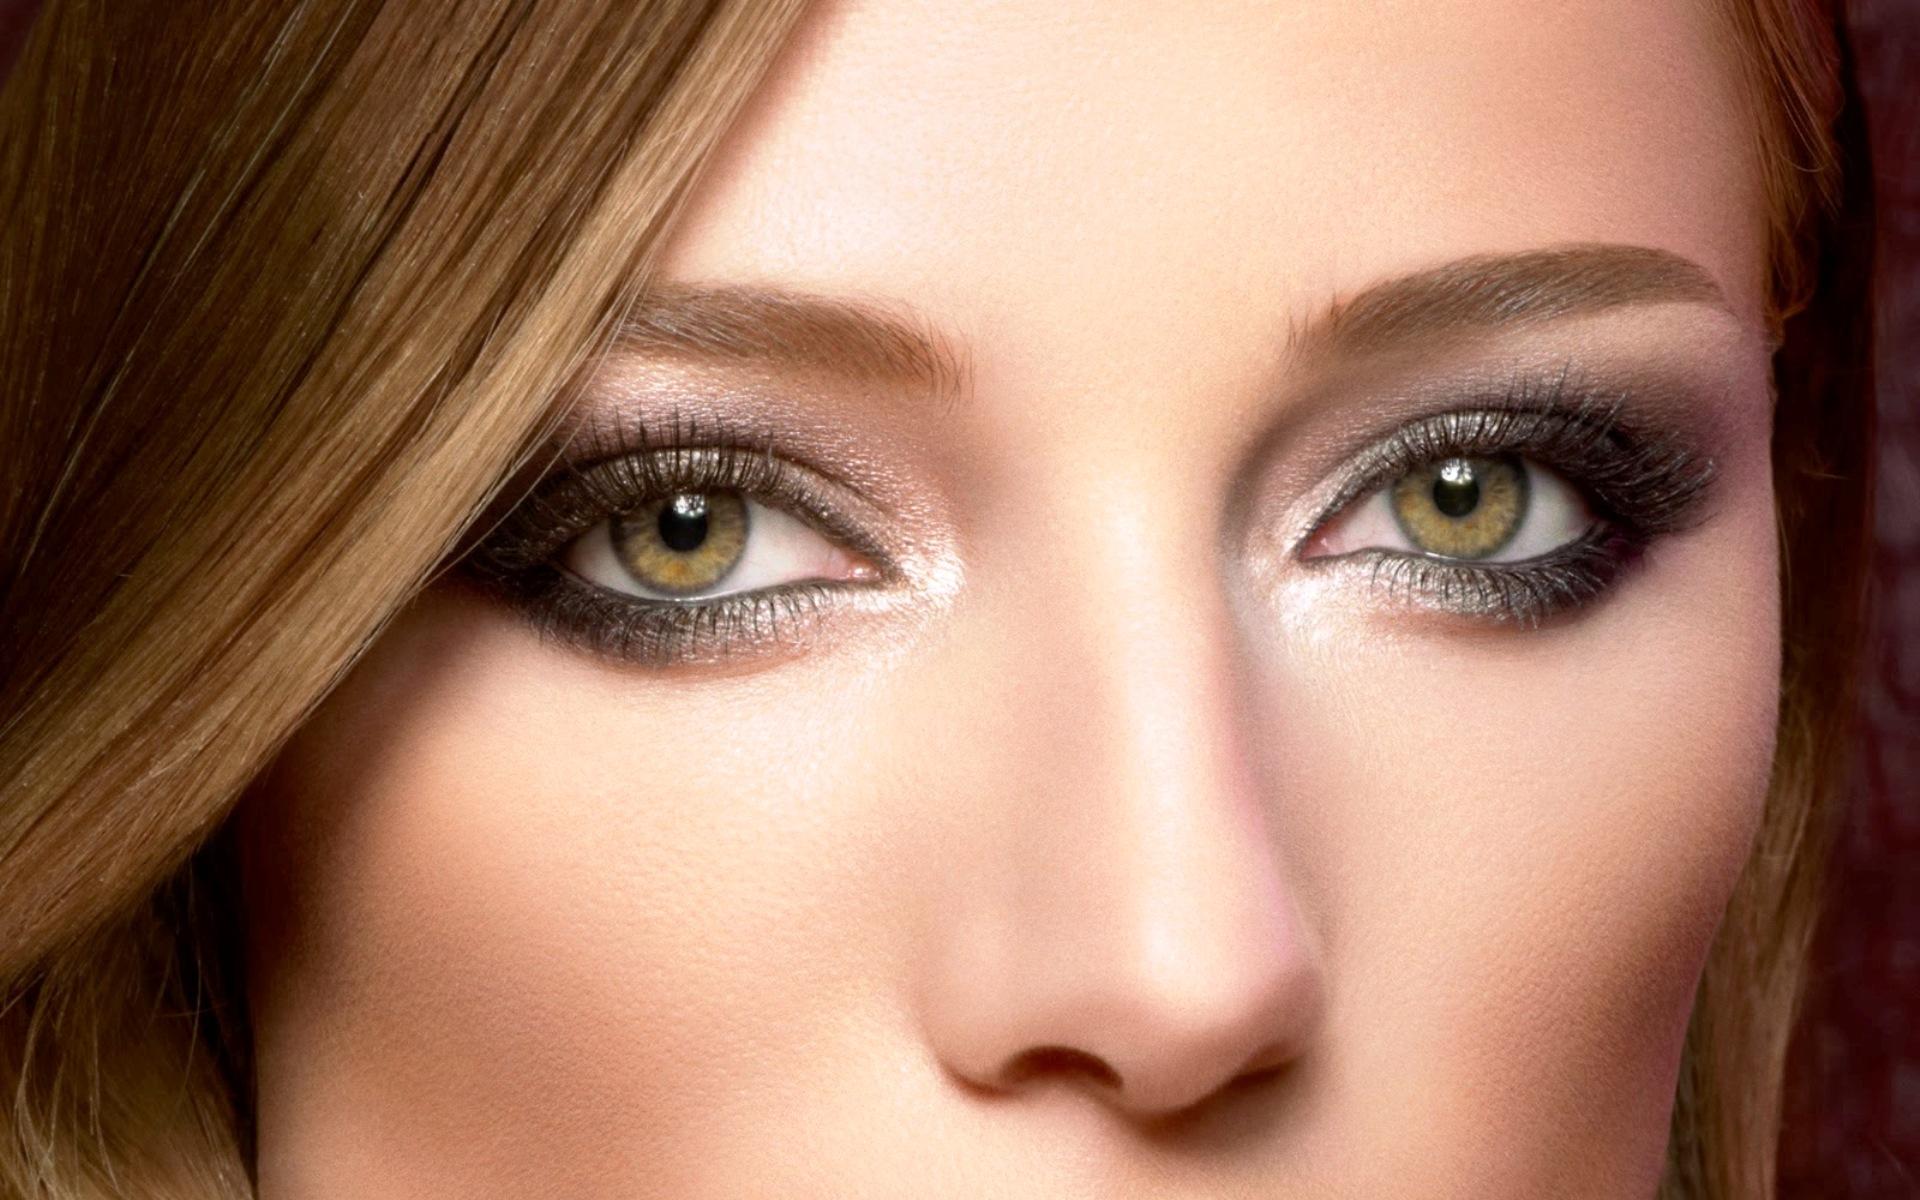 Макияж для цветотипа лето с серо-зелеными глазами